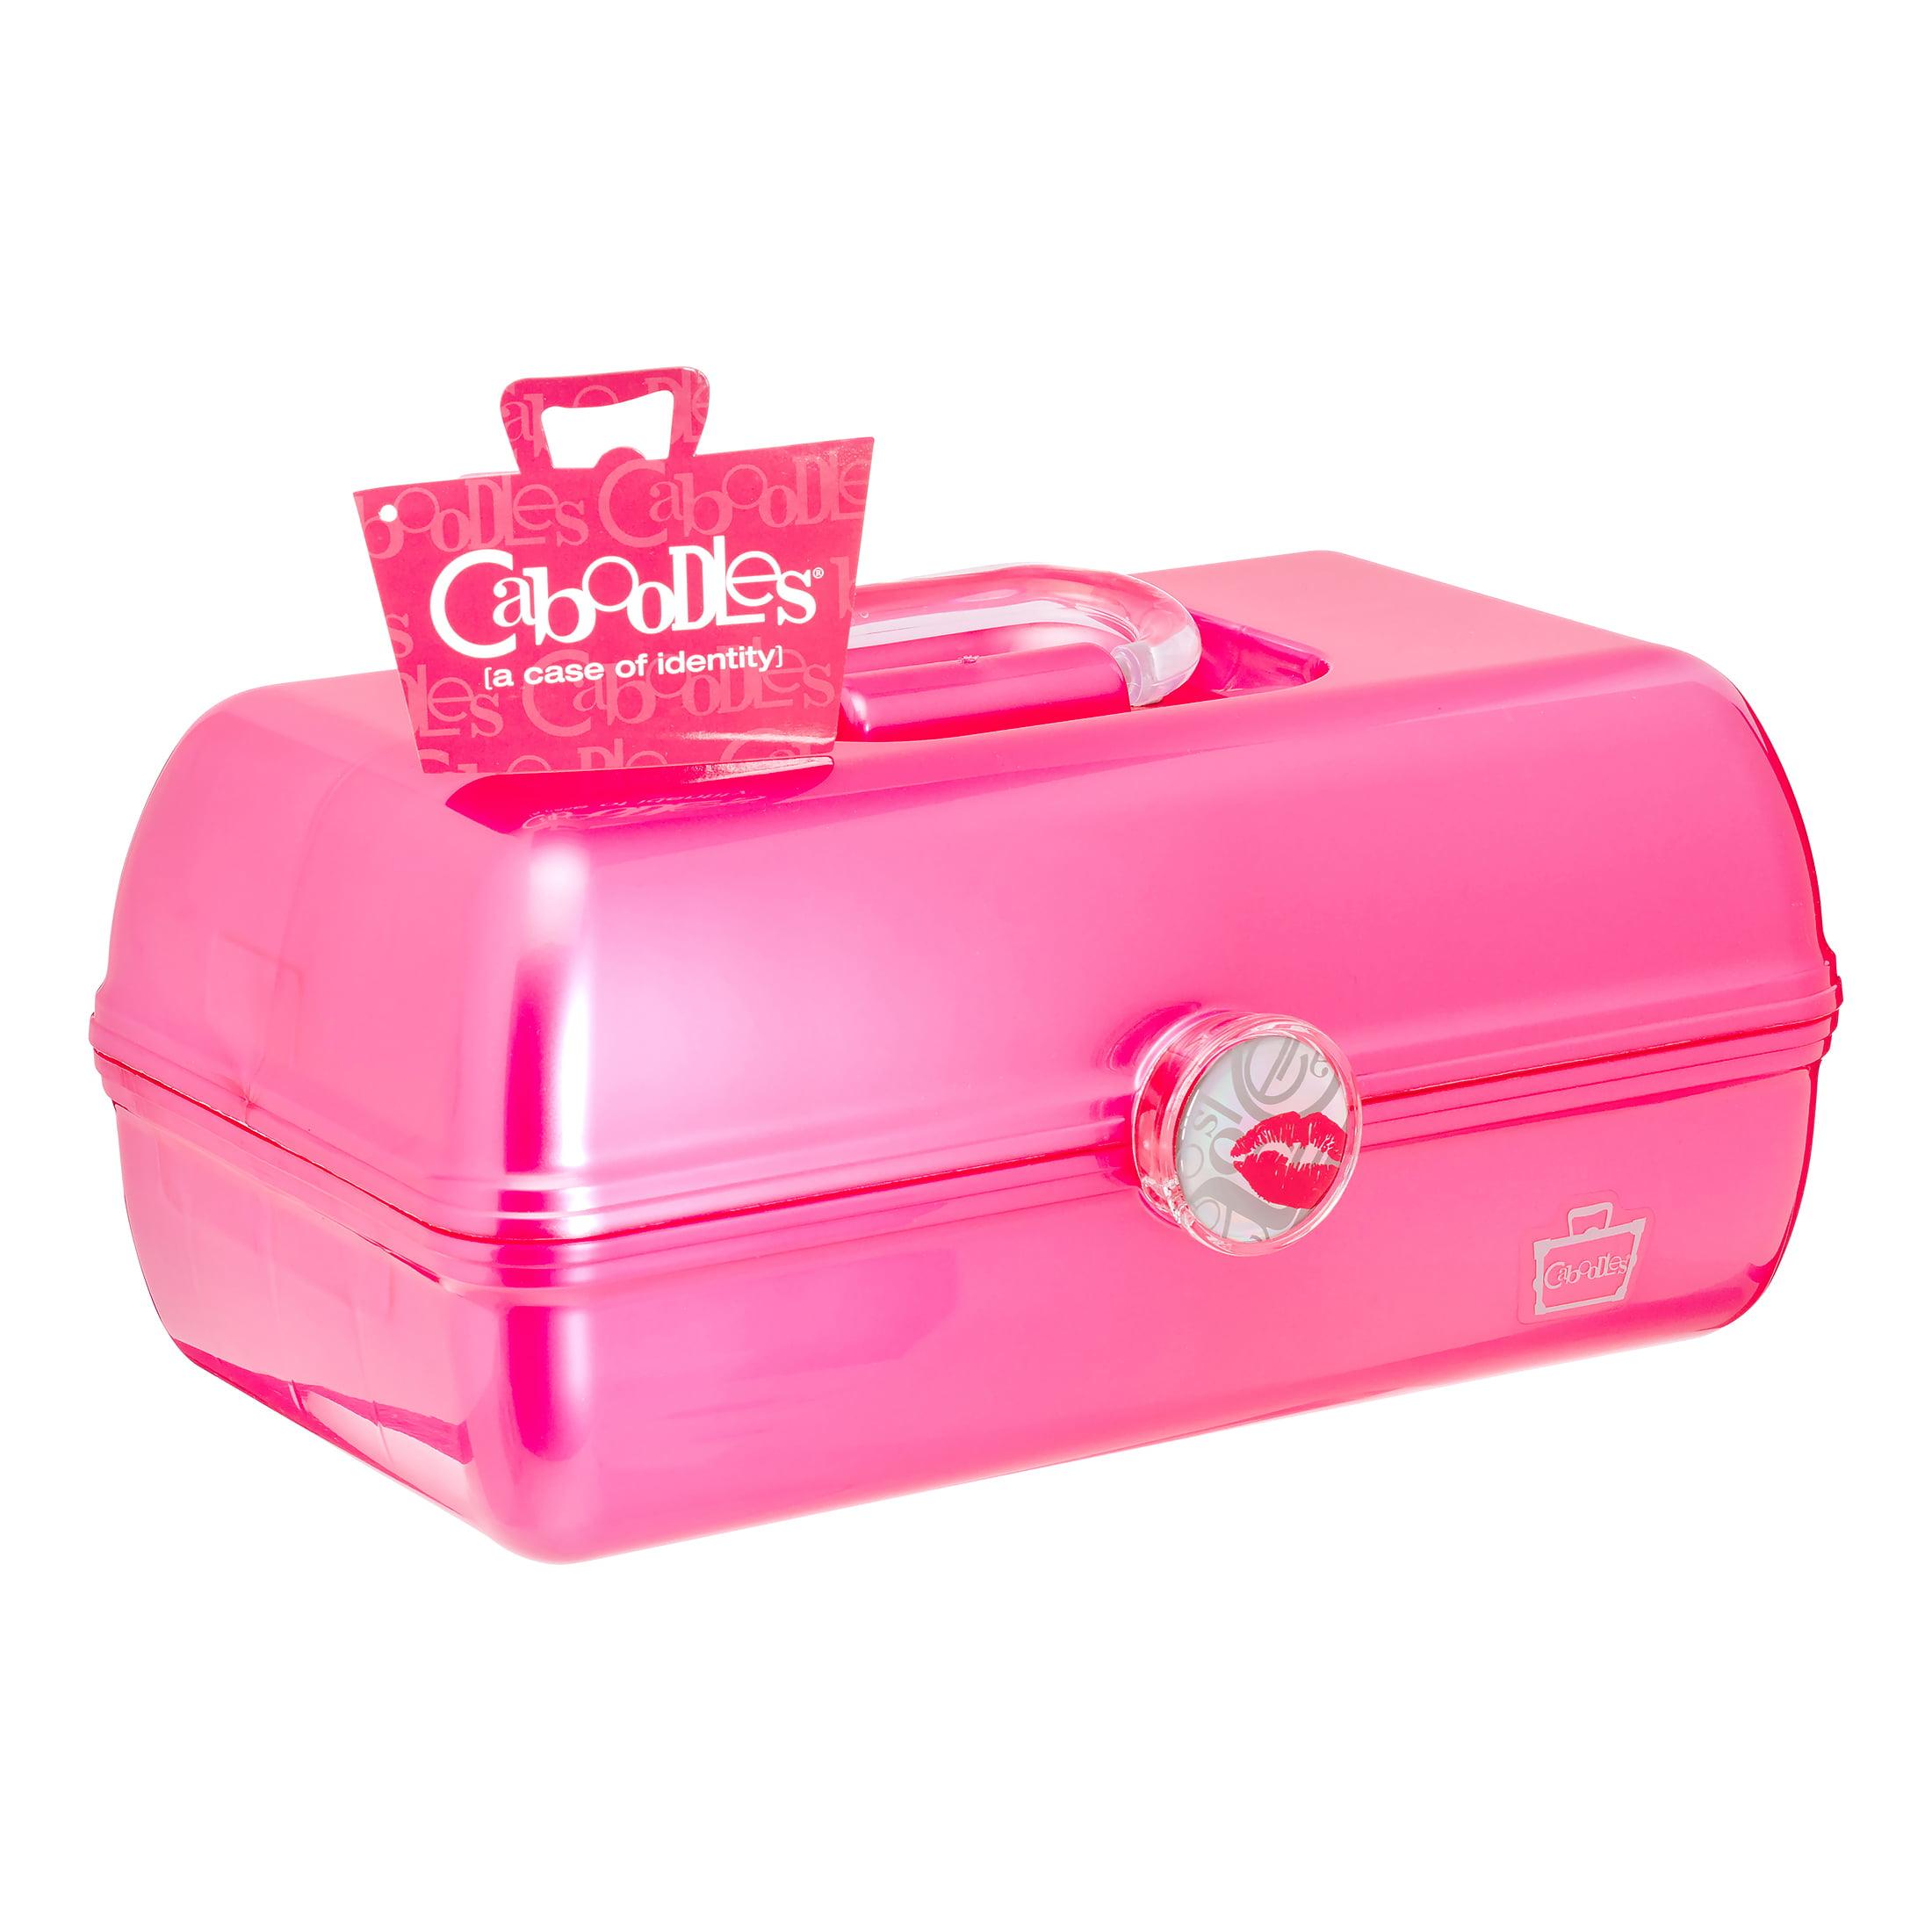 OnTheGo Girl Classic Case Cosmetic Bag Walmartcom